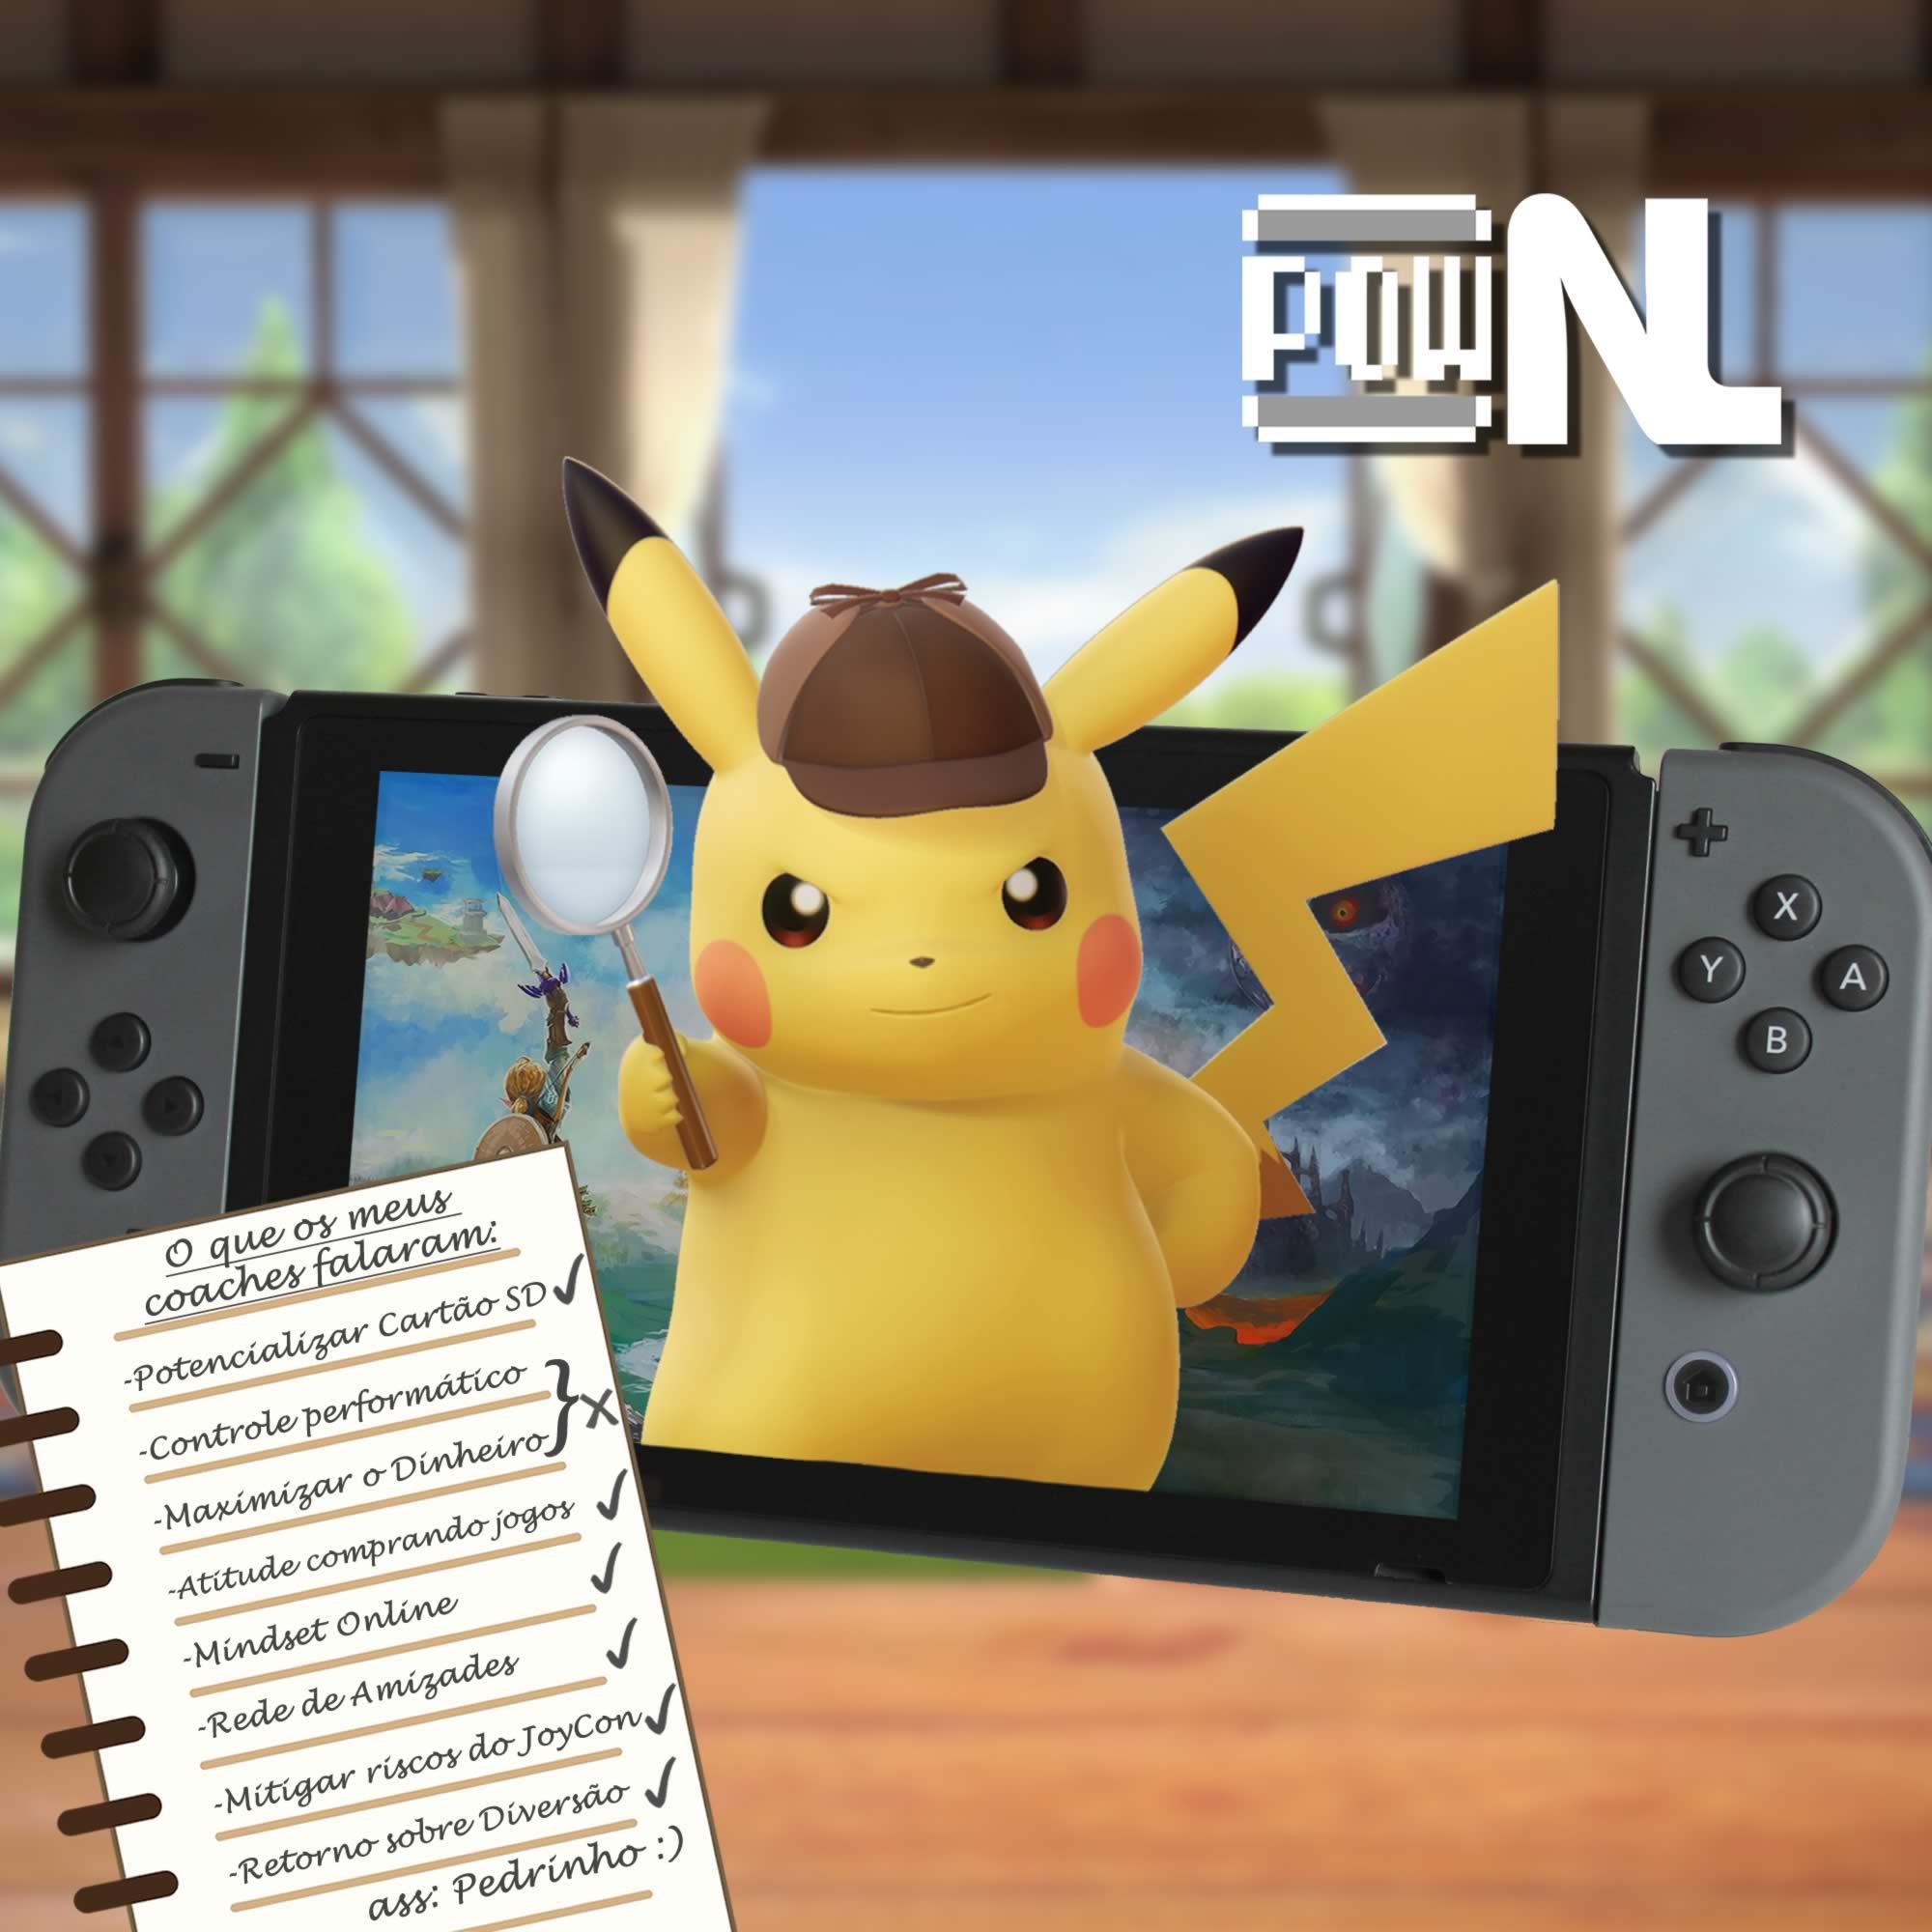 Nintendo POWdcast #88 – Desvendando o Nintendo Switch: acessórios, funções e muito mais!